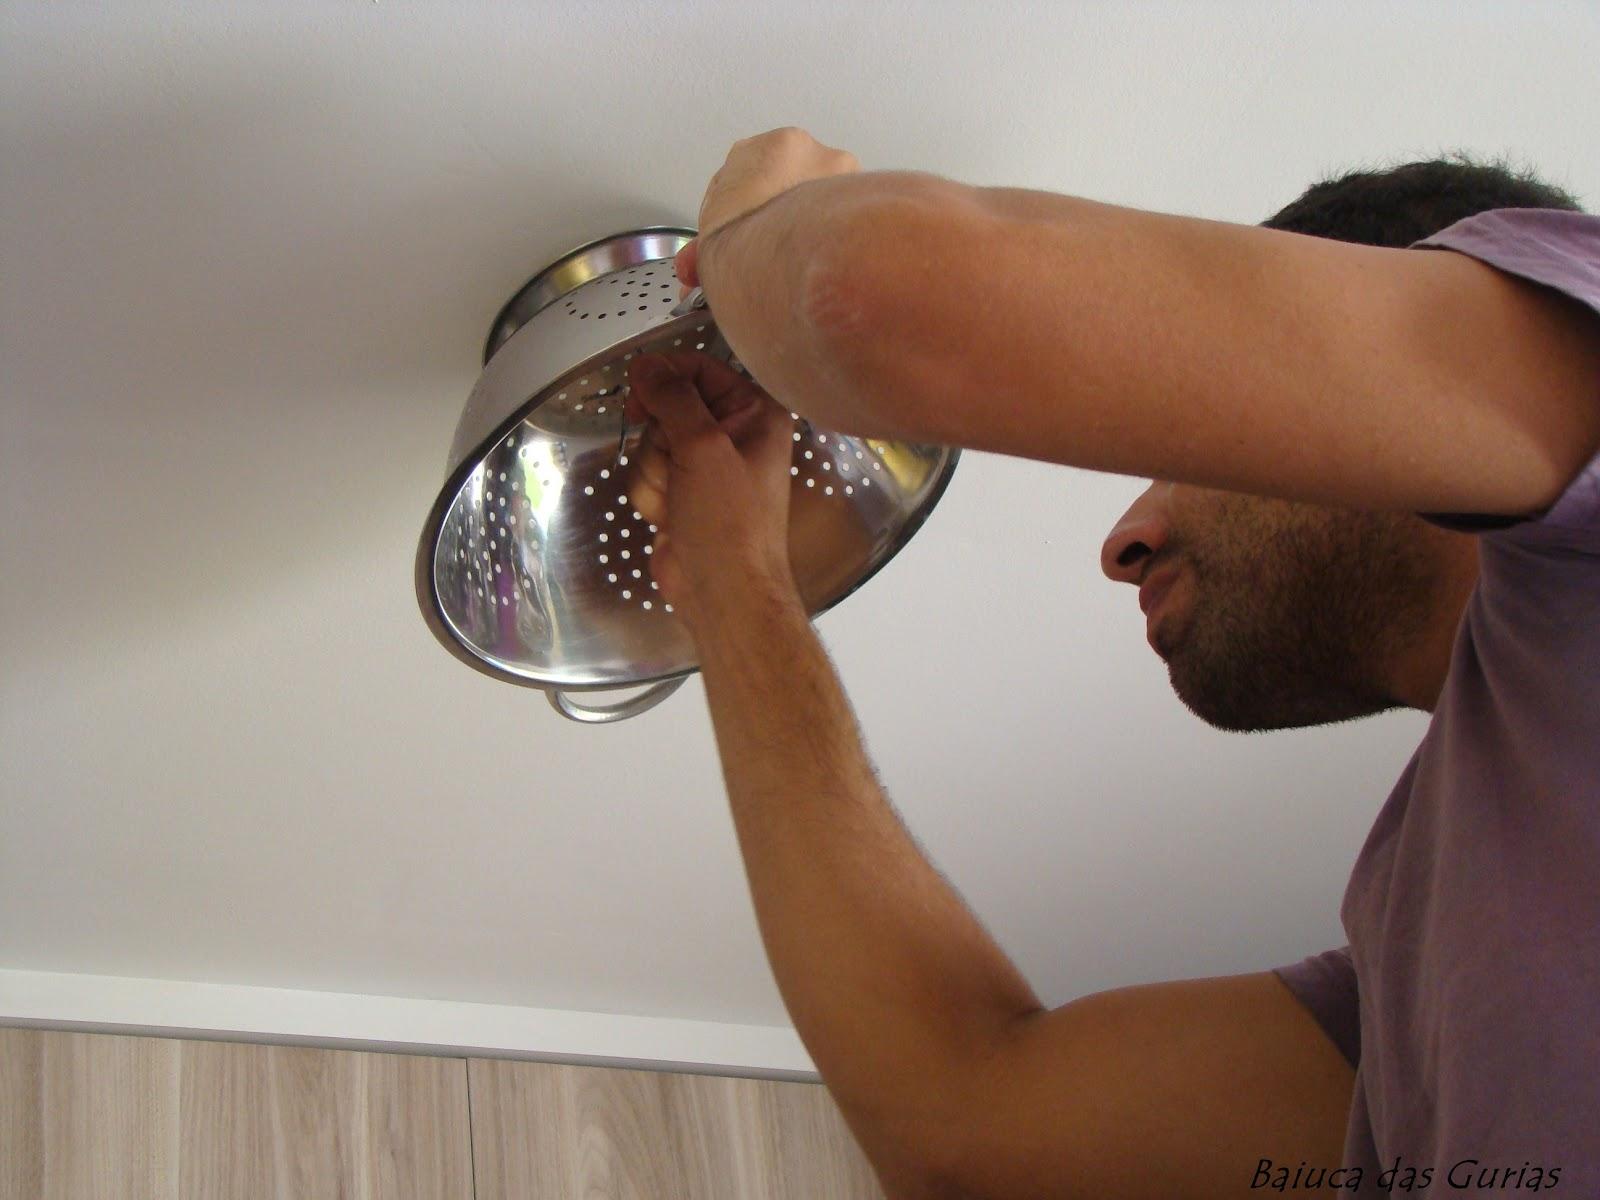 de Macarrão Idéia de Luminári Faça Você Mesmo Casa e Reforma #6E422B 1600x1200 Armario Banheiro Faça Voce Mesmo